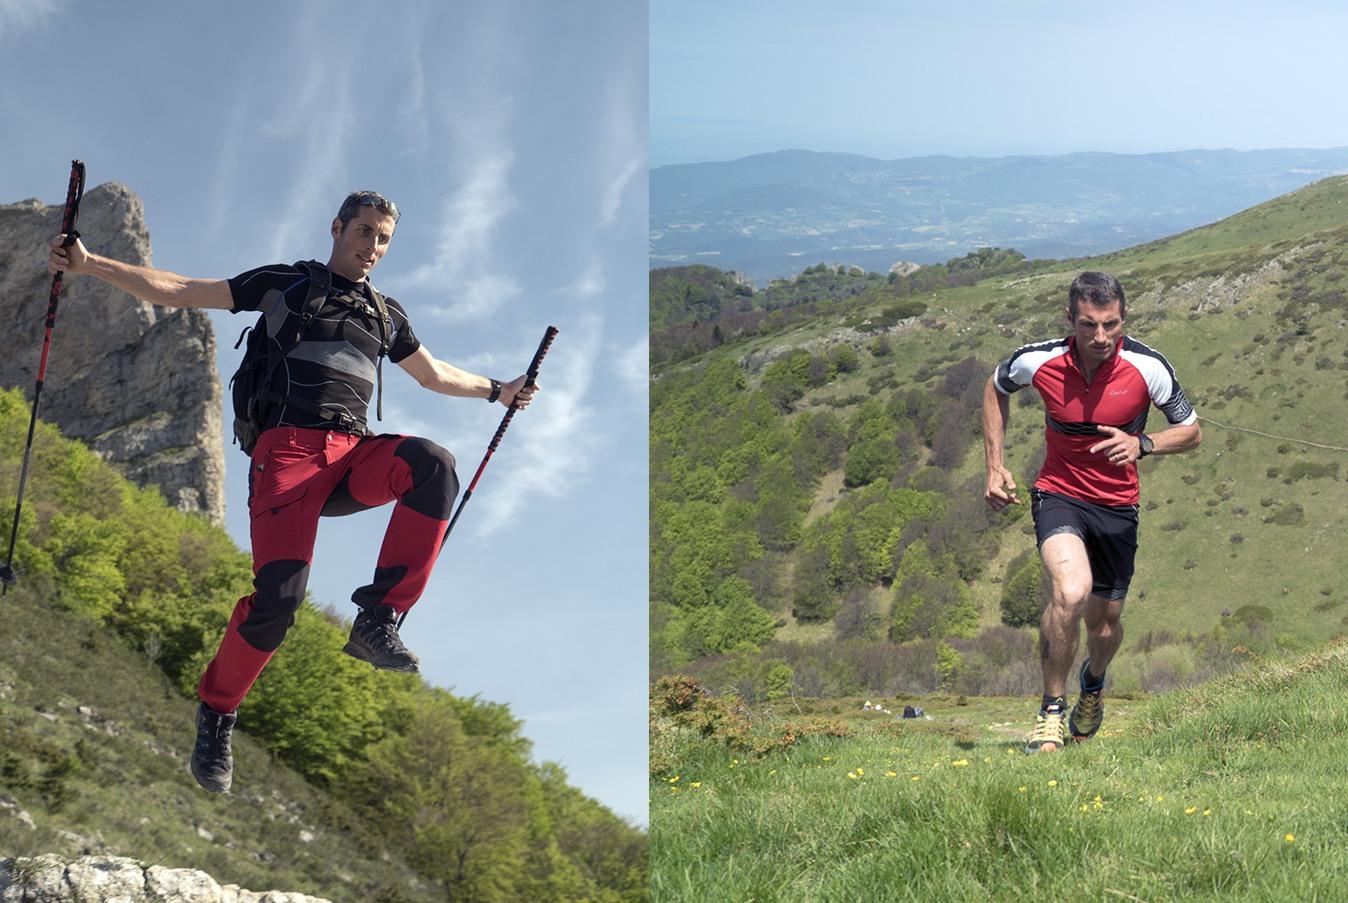 De la randonnée Montagne au Trail… – Florian Olivier, Ambassadeur Trail- Running CIMALP 67689cd3d005